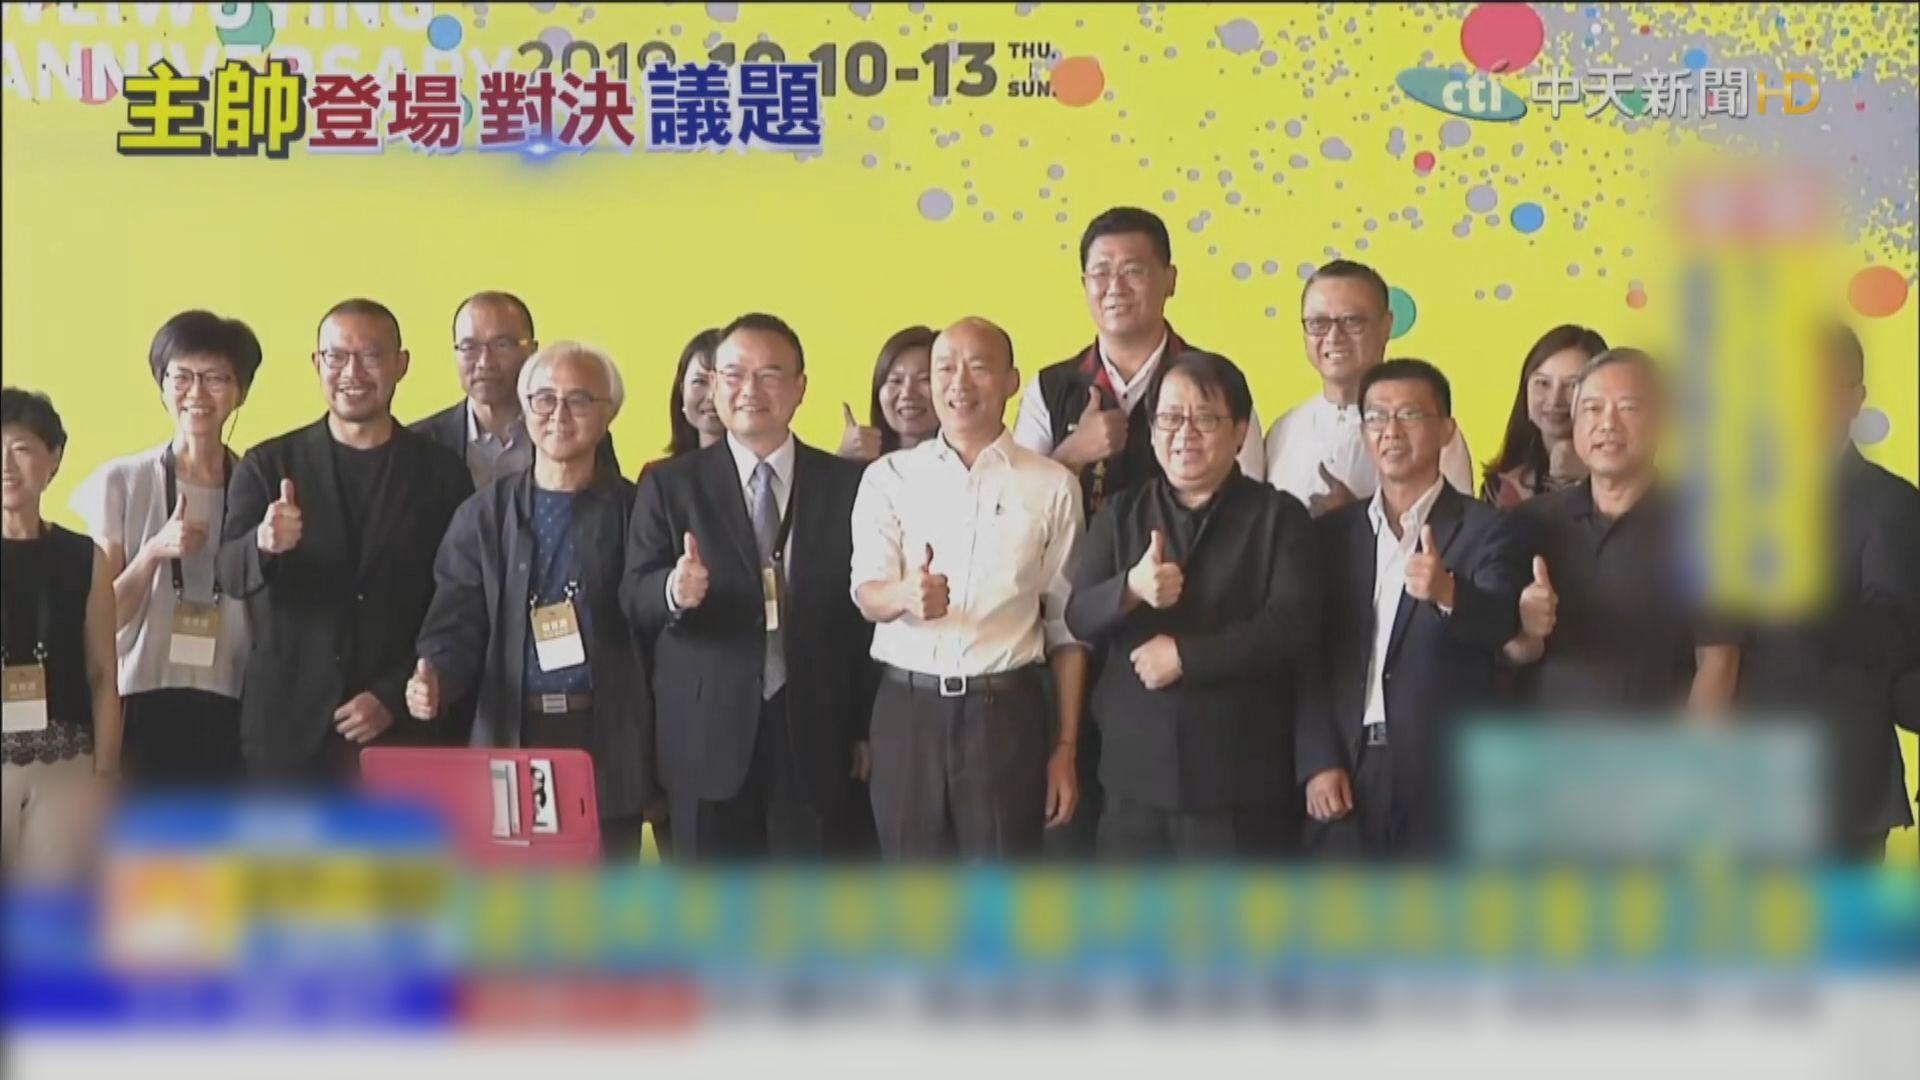 韓國瑜即將請假投入選戰行程